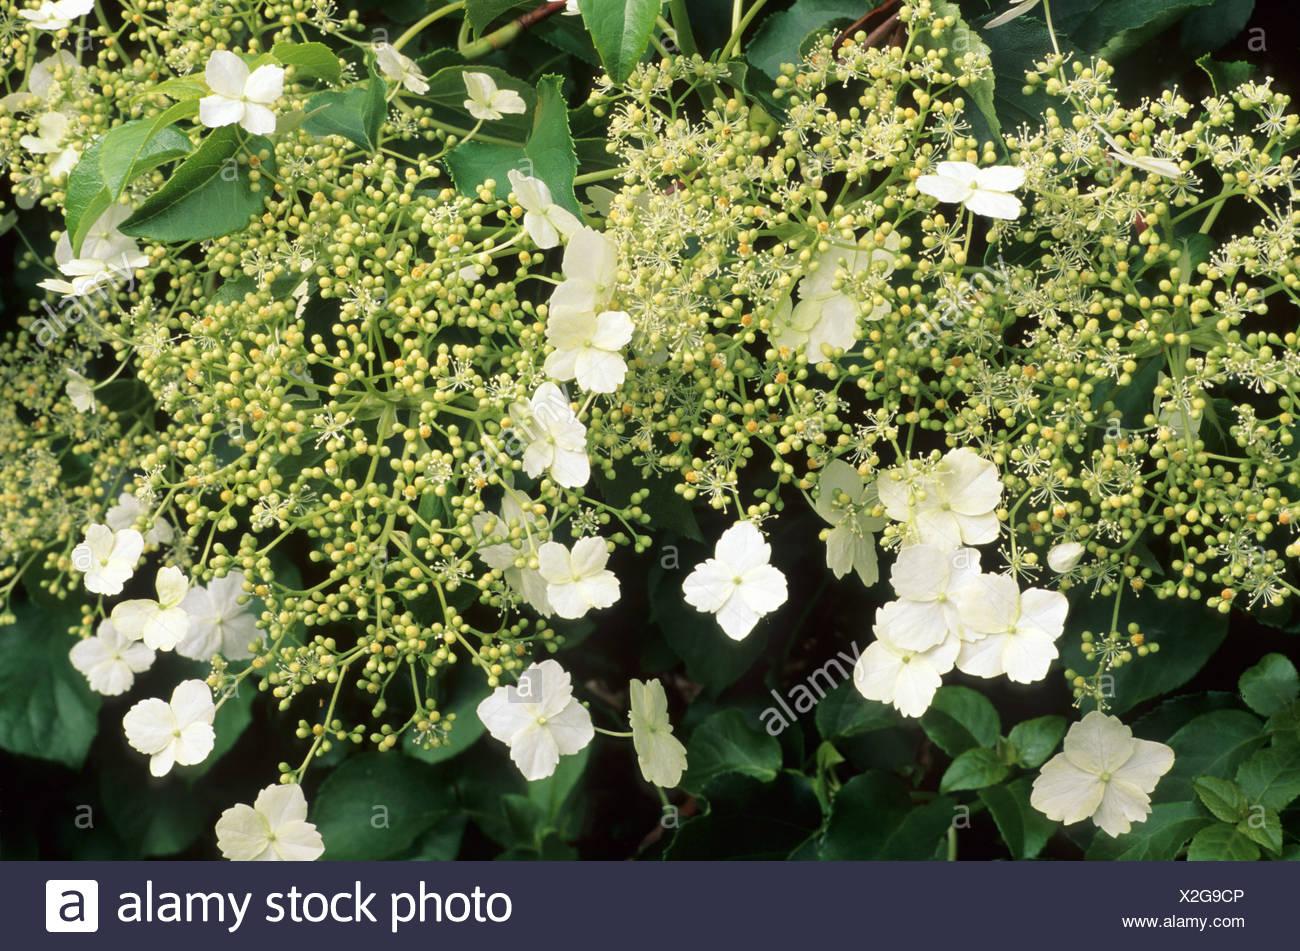 Hydrangea anomala subsp petiolaris white flowers hydrangeas stock hydrangea anomala subsp petiolaris white flowers hydrangeas mightylinksfo